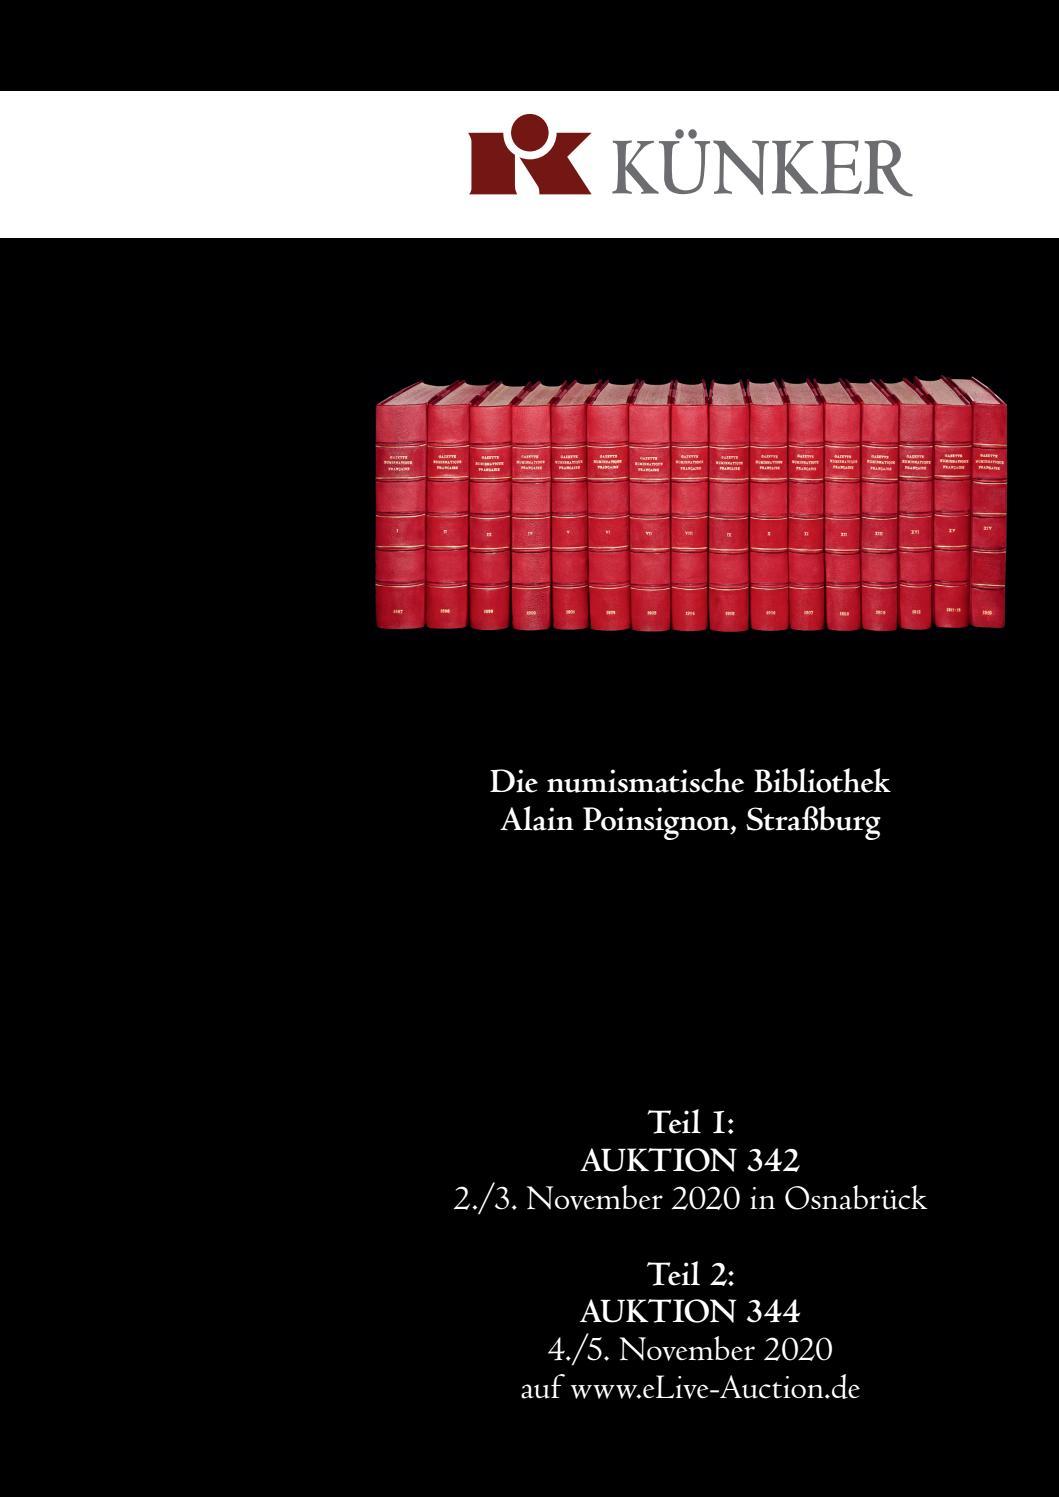 Künker Auktion 20 & 20   Die numismatische Bibliothek von Alain ...